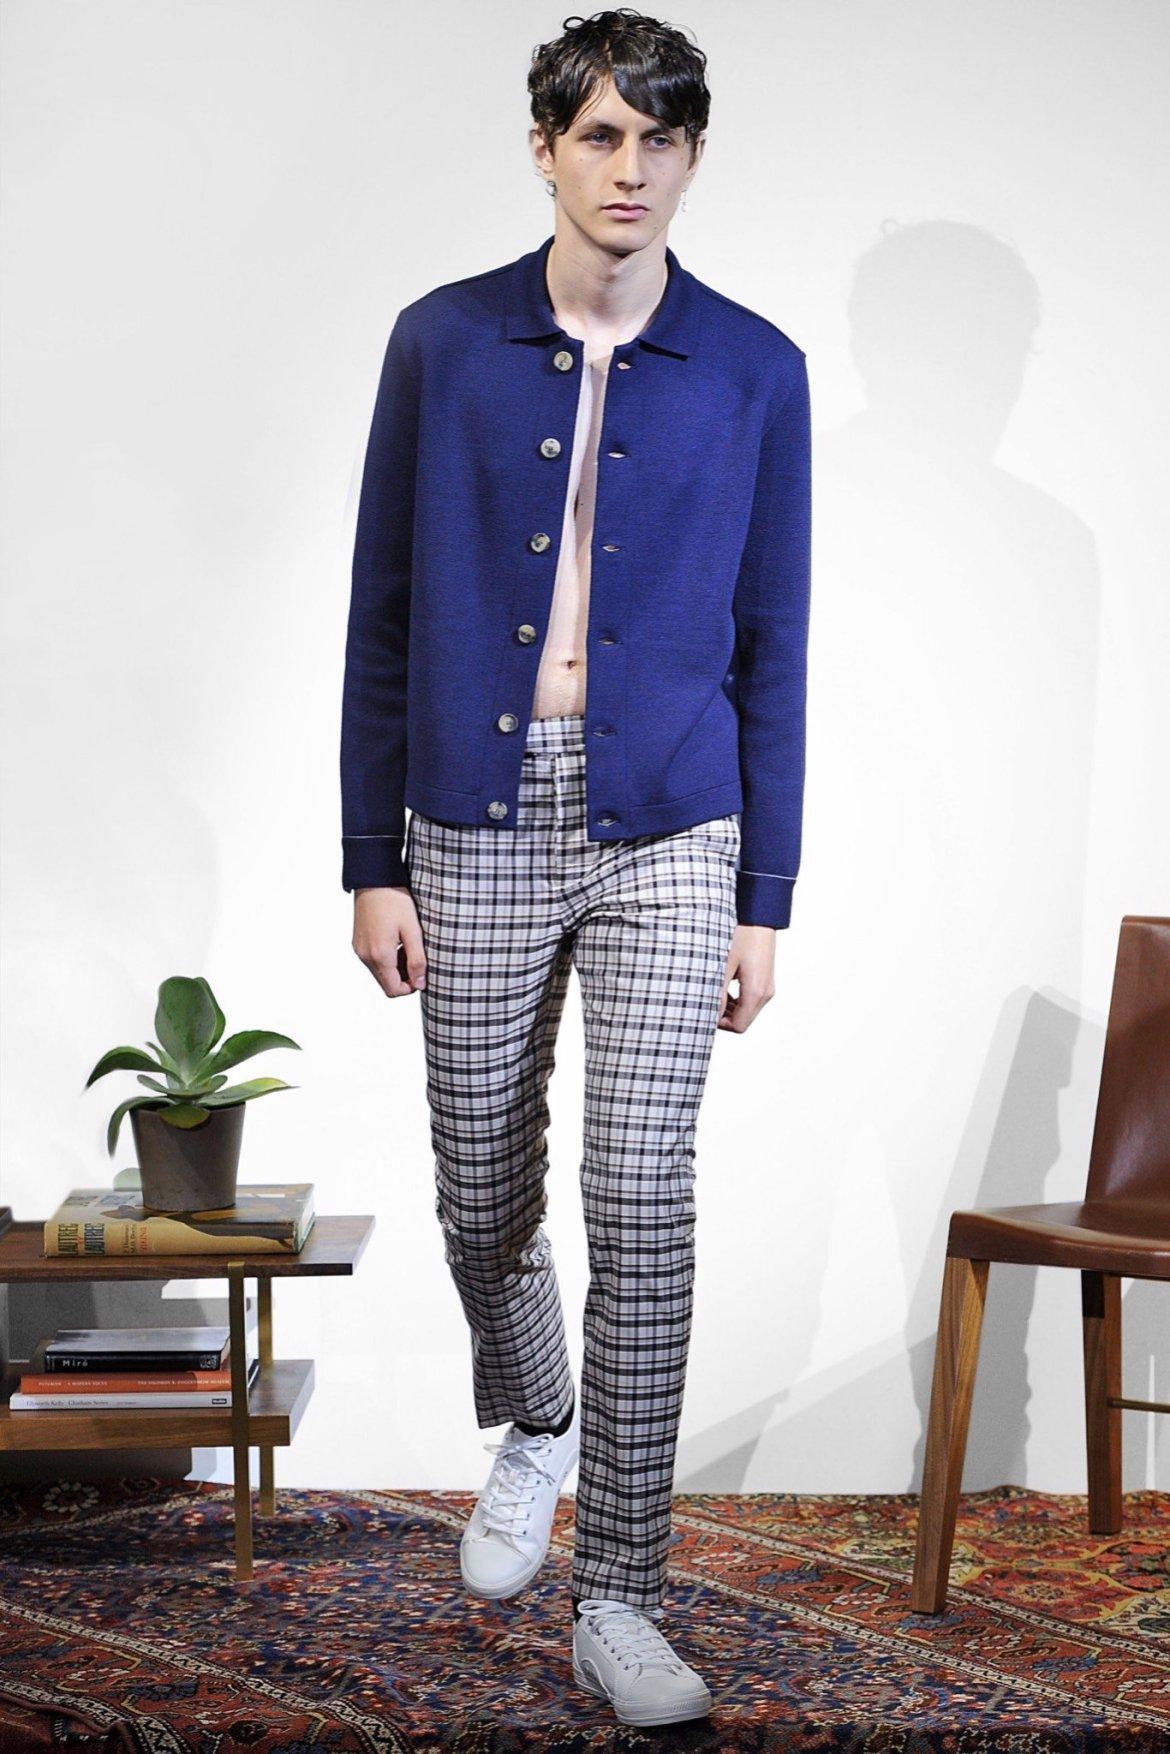 orley, nyfwm, new york fashion week, new york fashion week mens, ss16